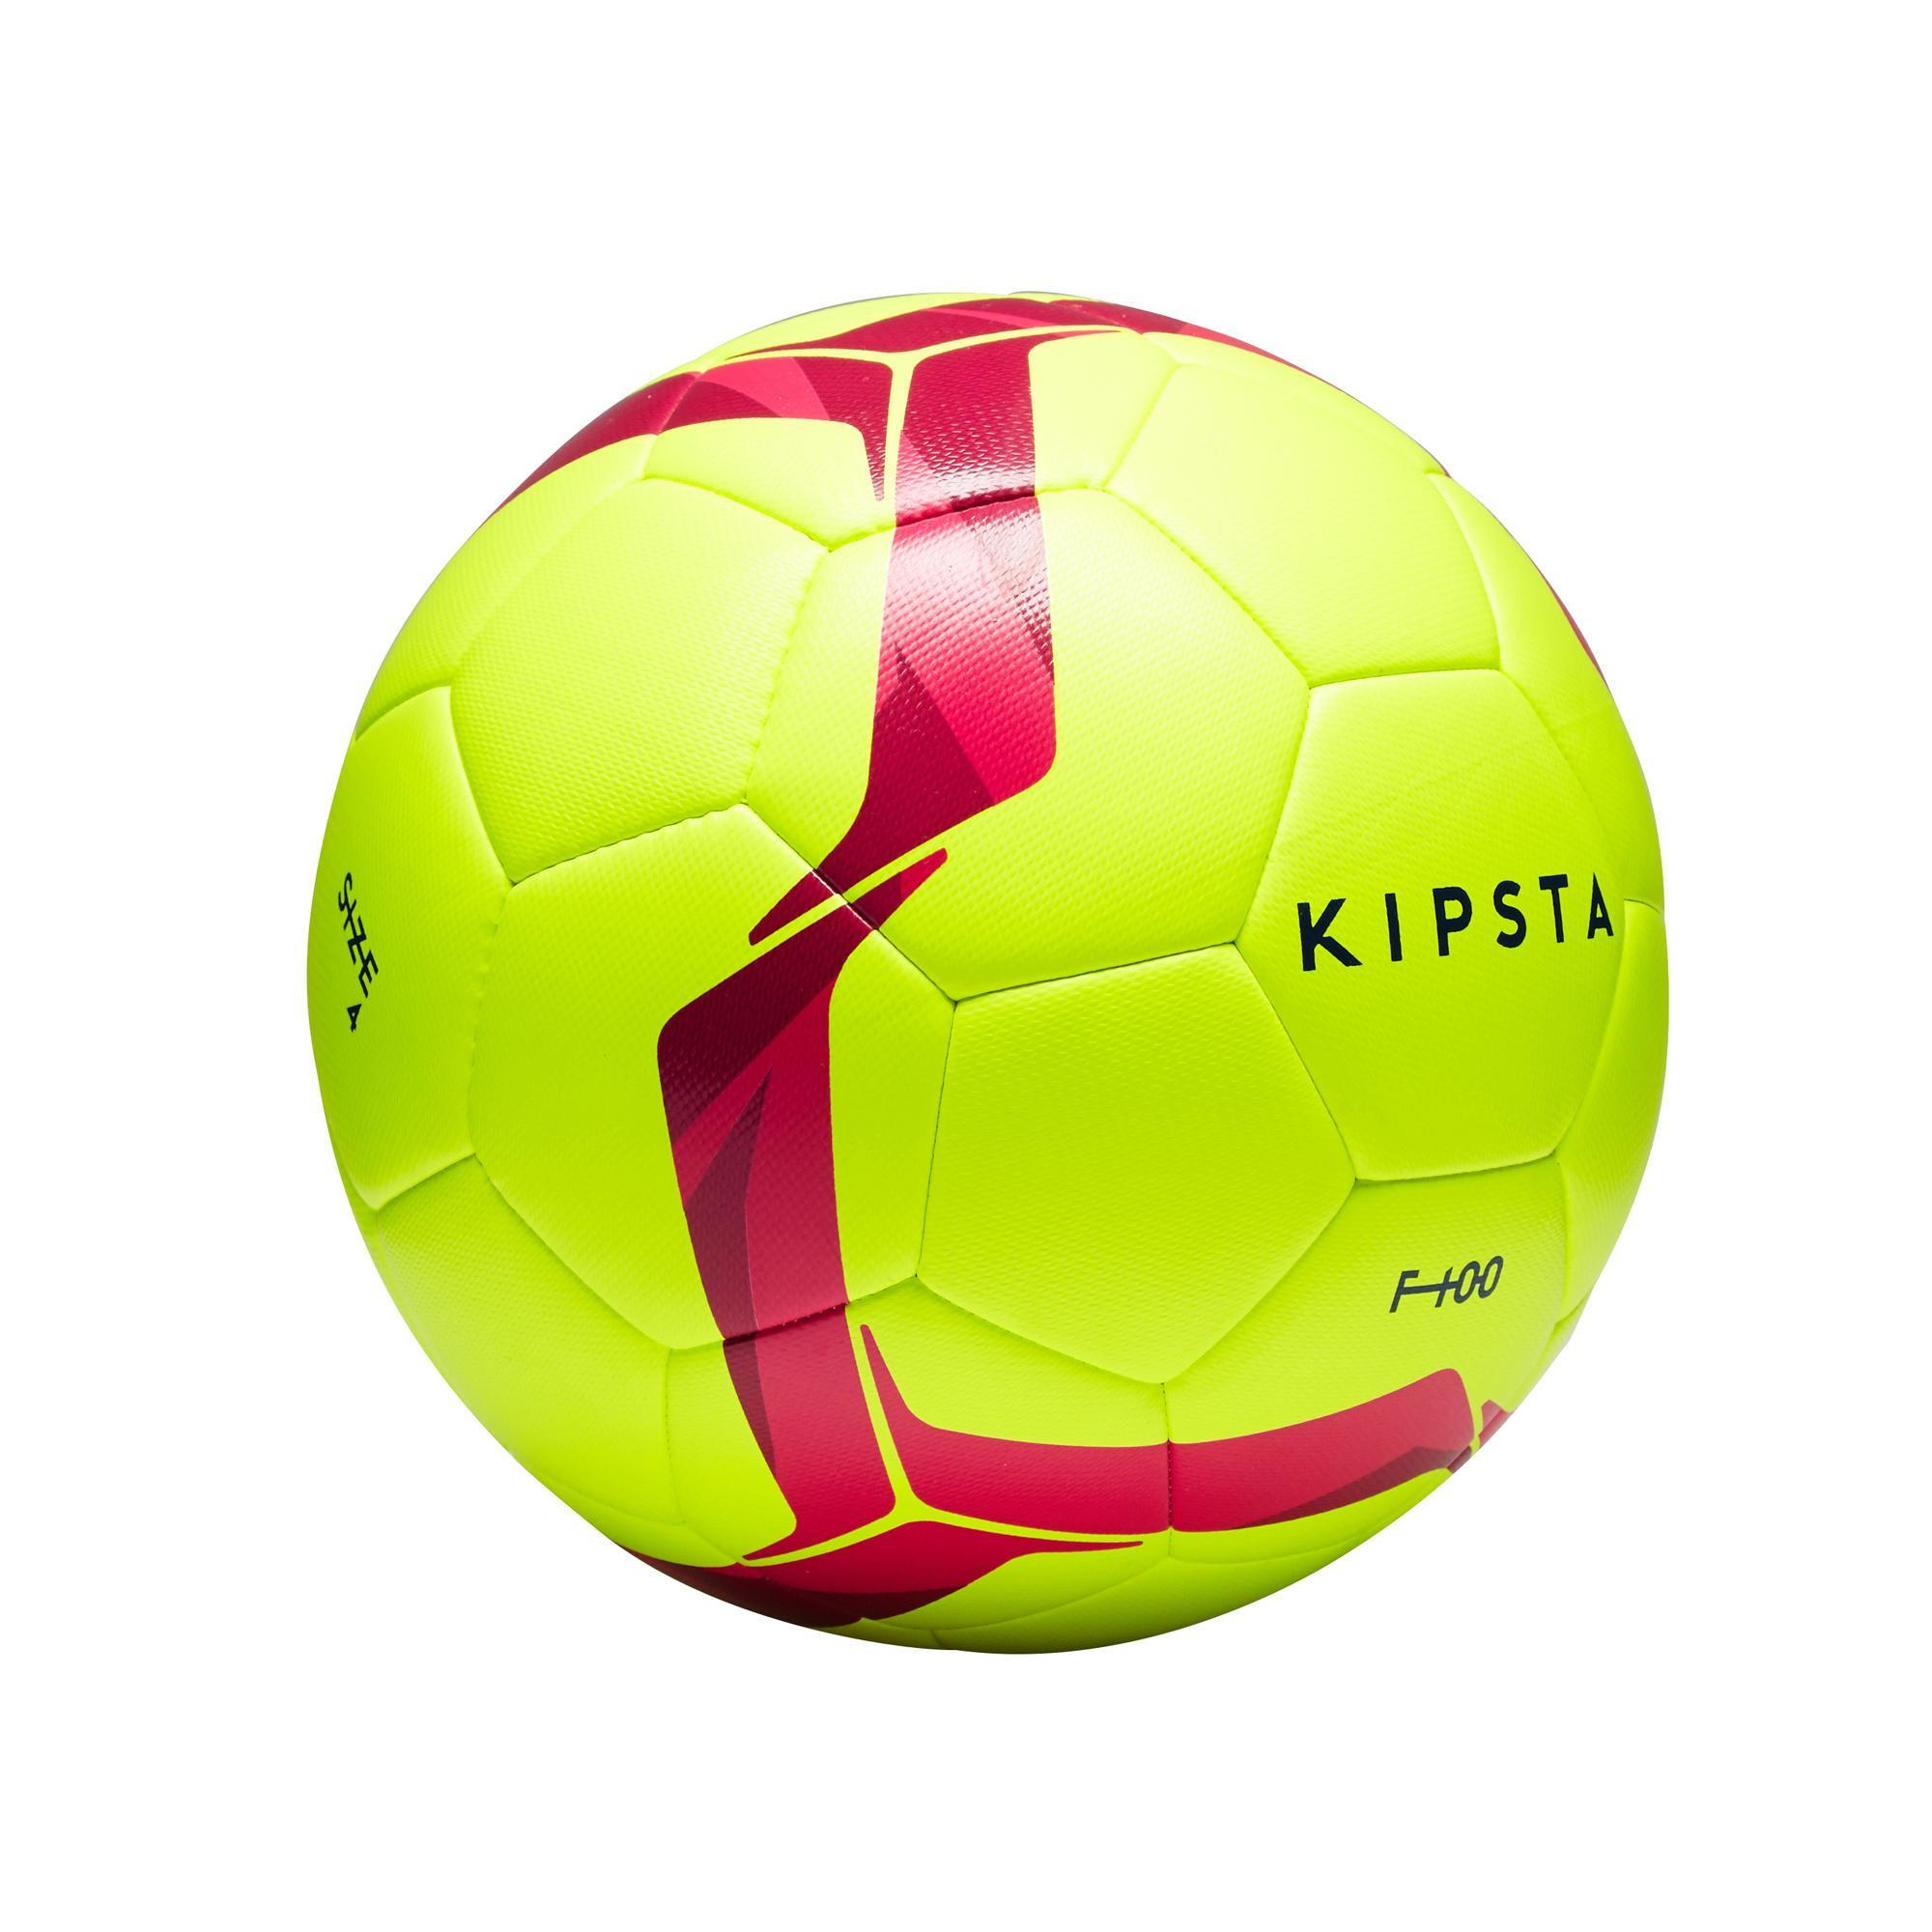 algodón Rey Lear Adecuado  balones de futbol decathlon Nike online – Compra productos Nike baratos